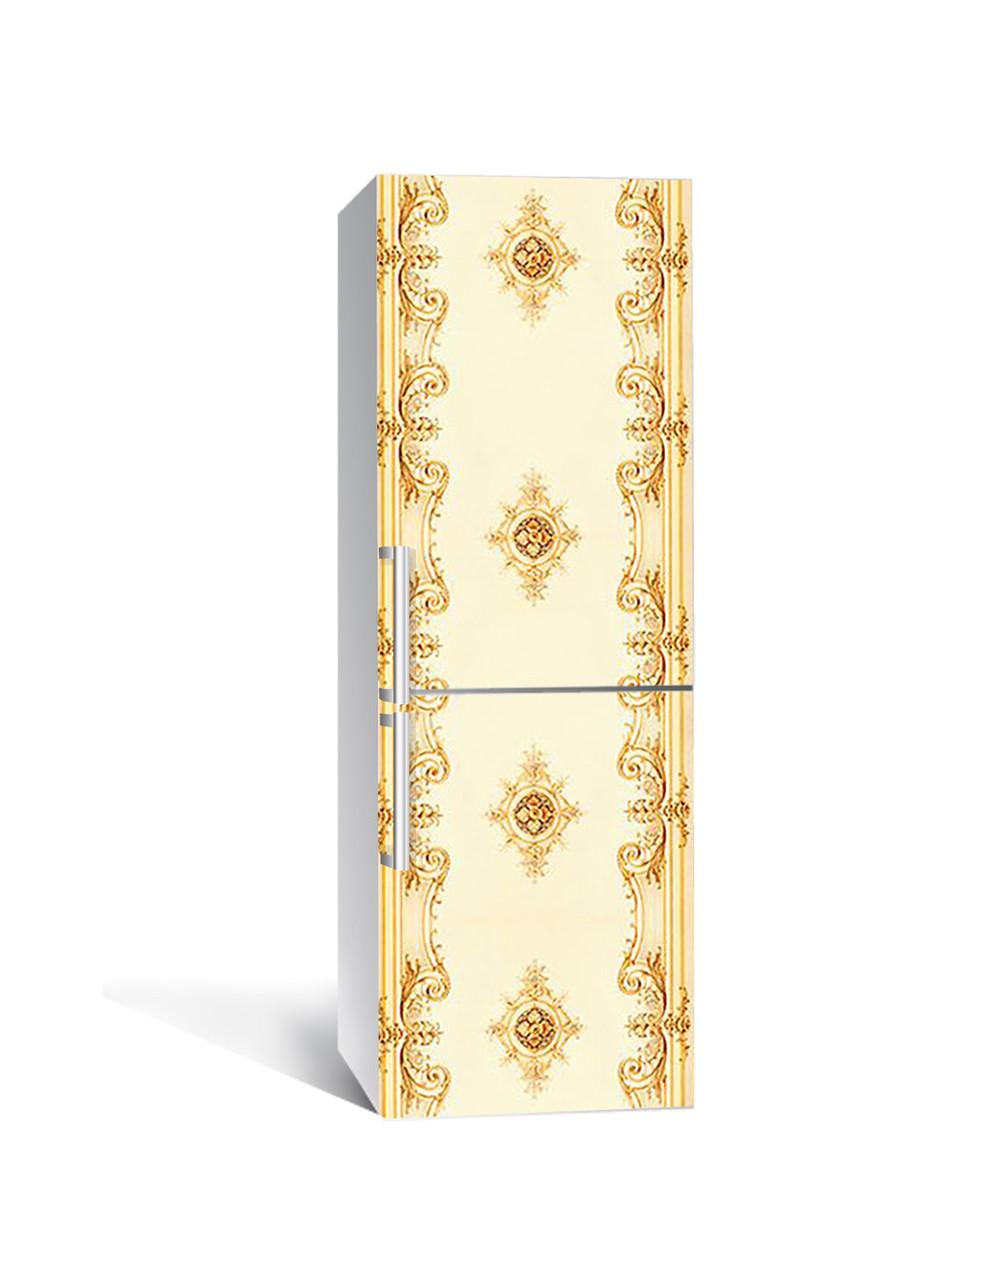 Вінілова наклейка на холодильник Турецький шарм самоклеюча ламінована плівка ПВХ орнаменти Бежевий